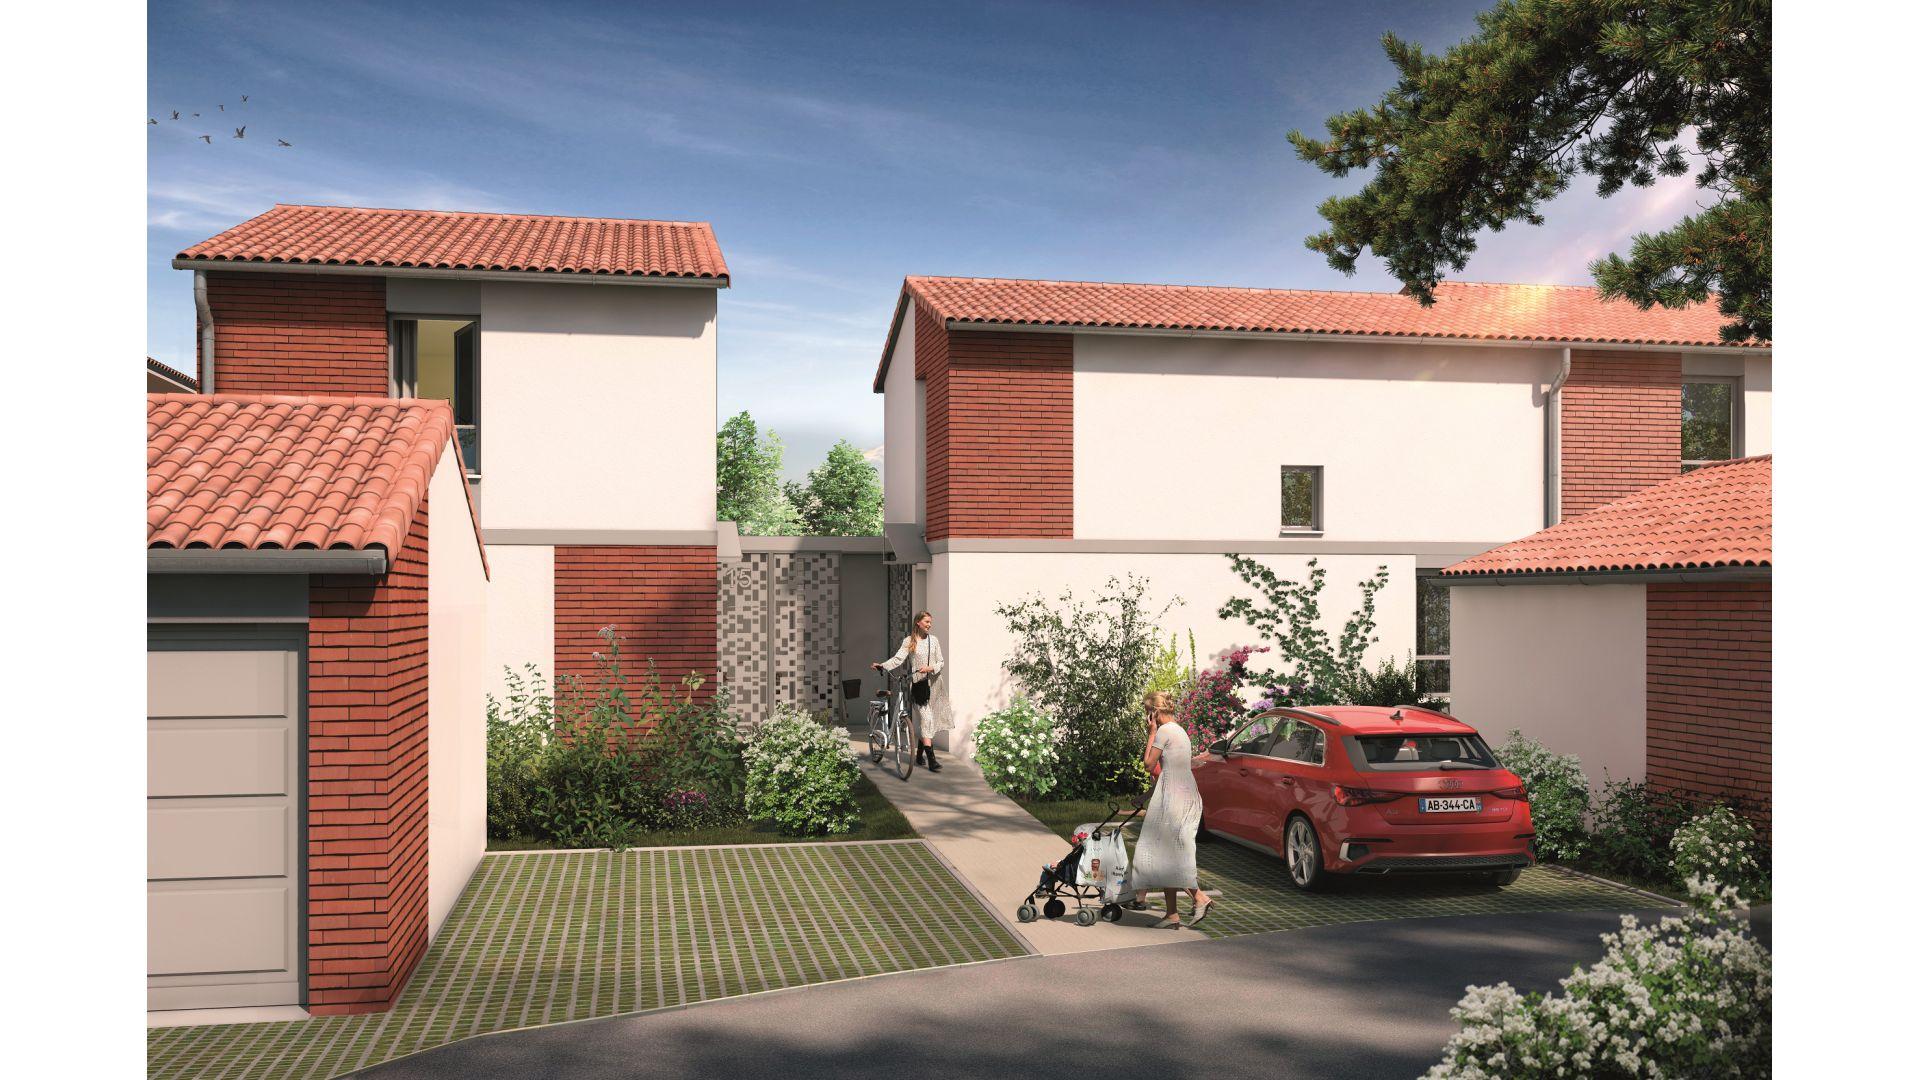 Greencity Immobilier - Domaine du Haumont - achat appartements et villas du T2 bis au T5 - Pins-Justaret 31860 - villa T3 côté rue